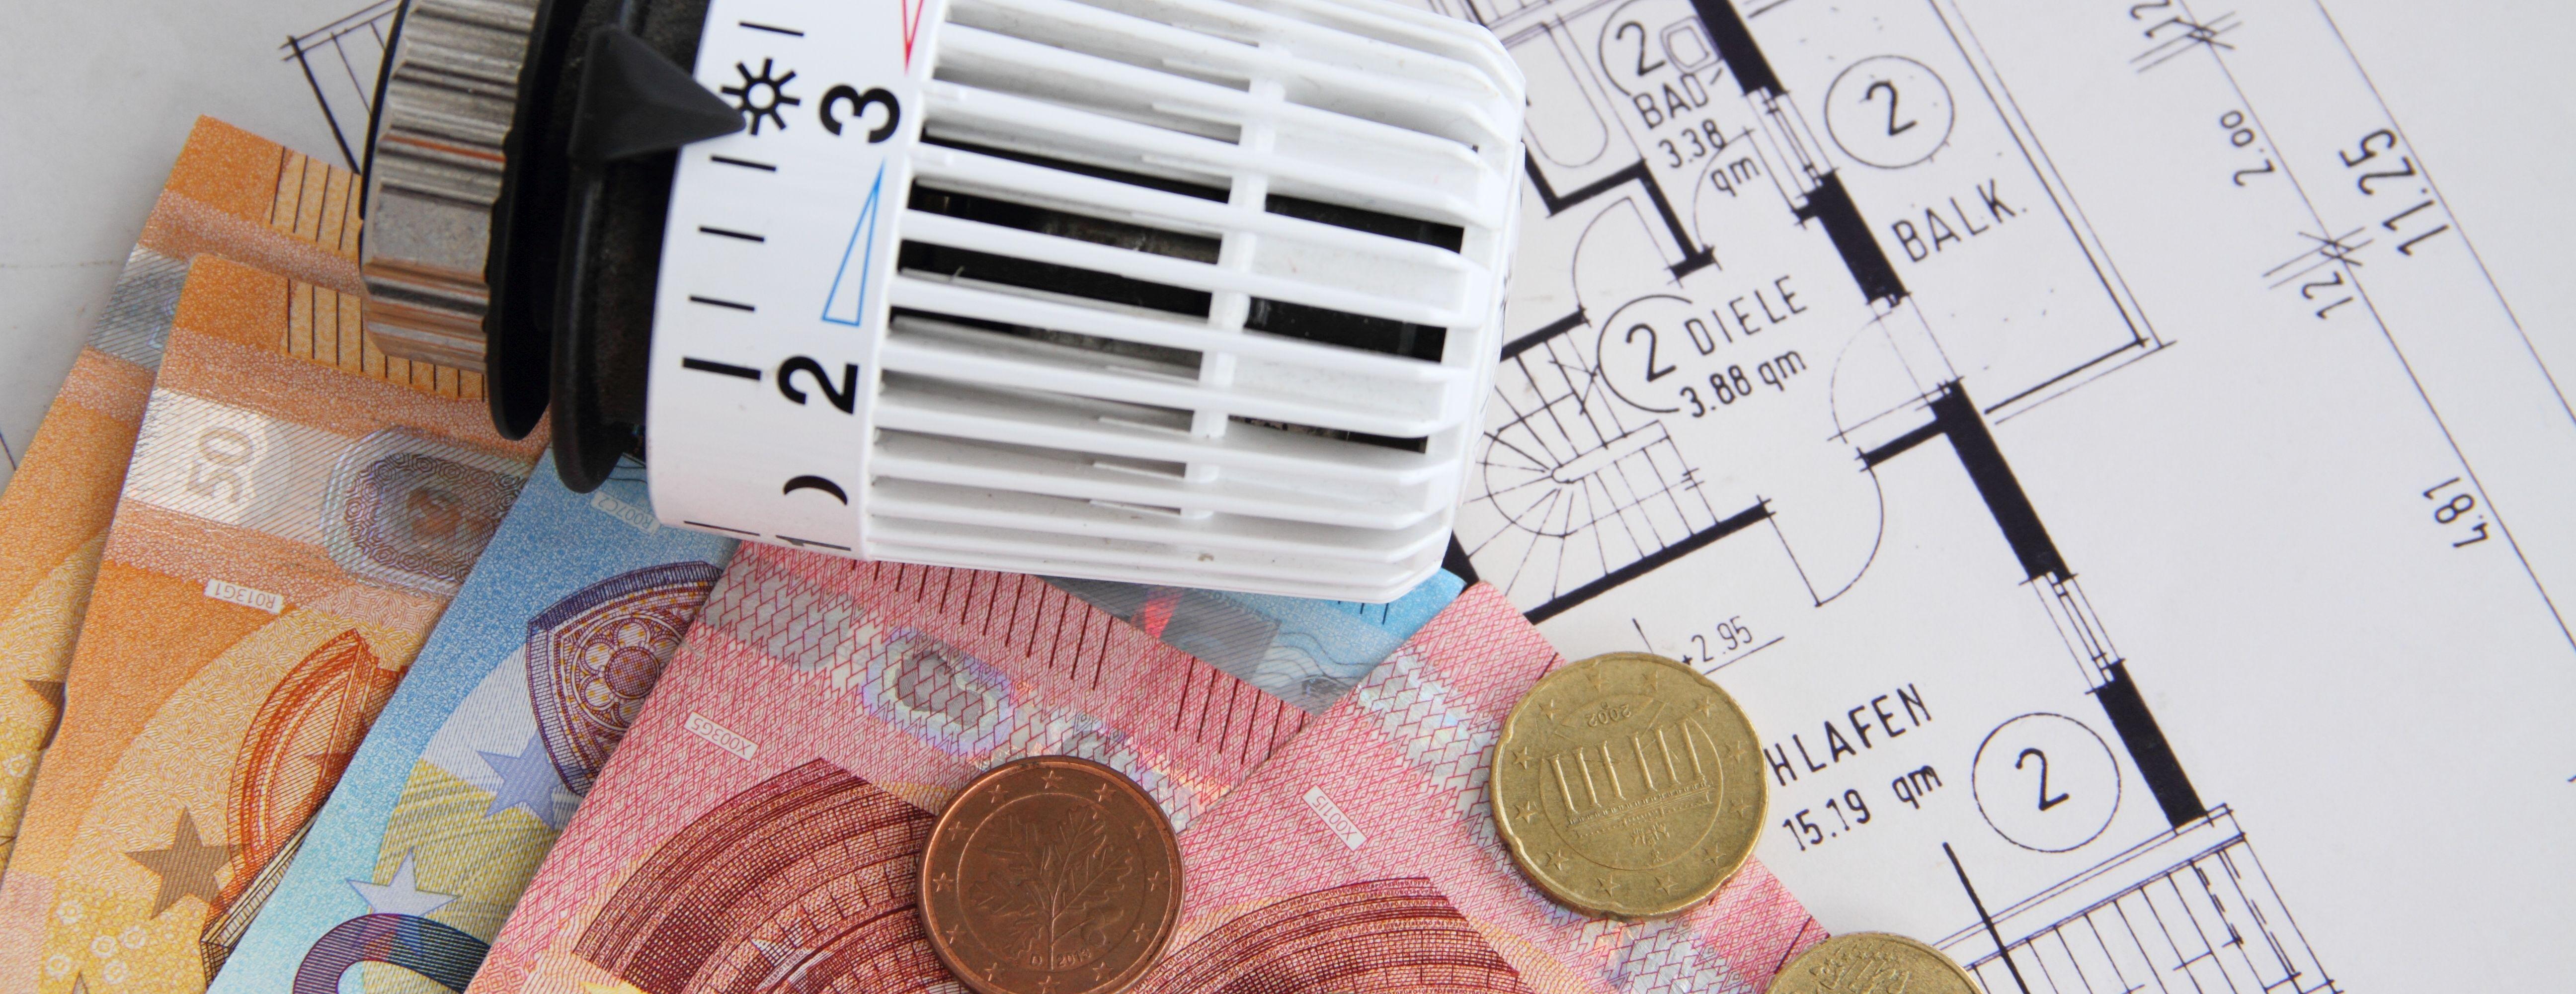 Neuer Energieversorgungsvertrag ermöglicht bis zu 36% weniger Heizkosten